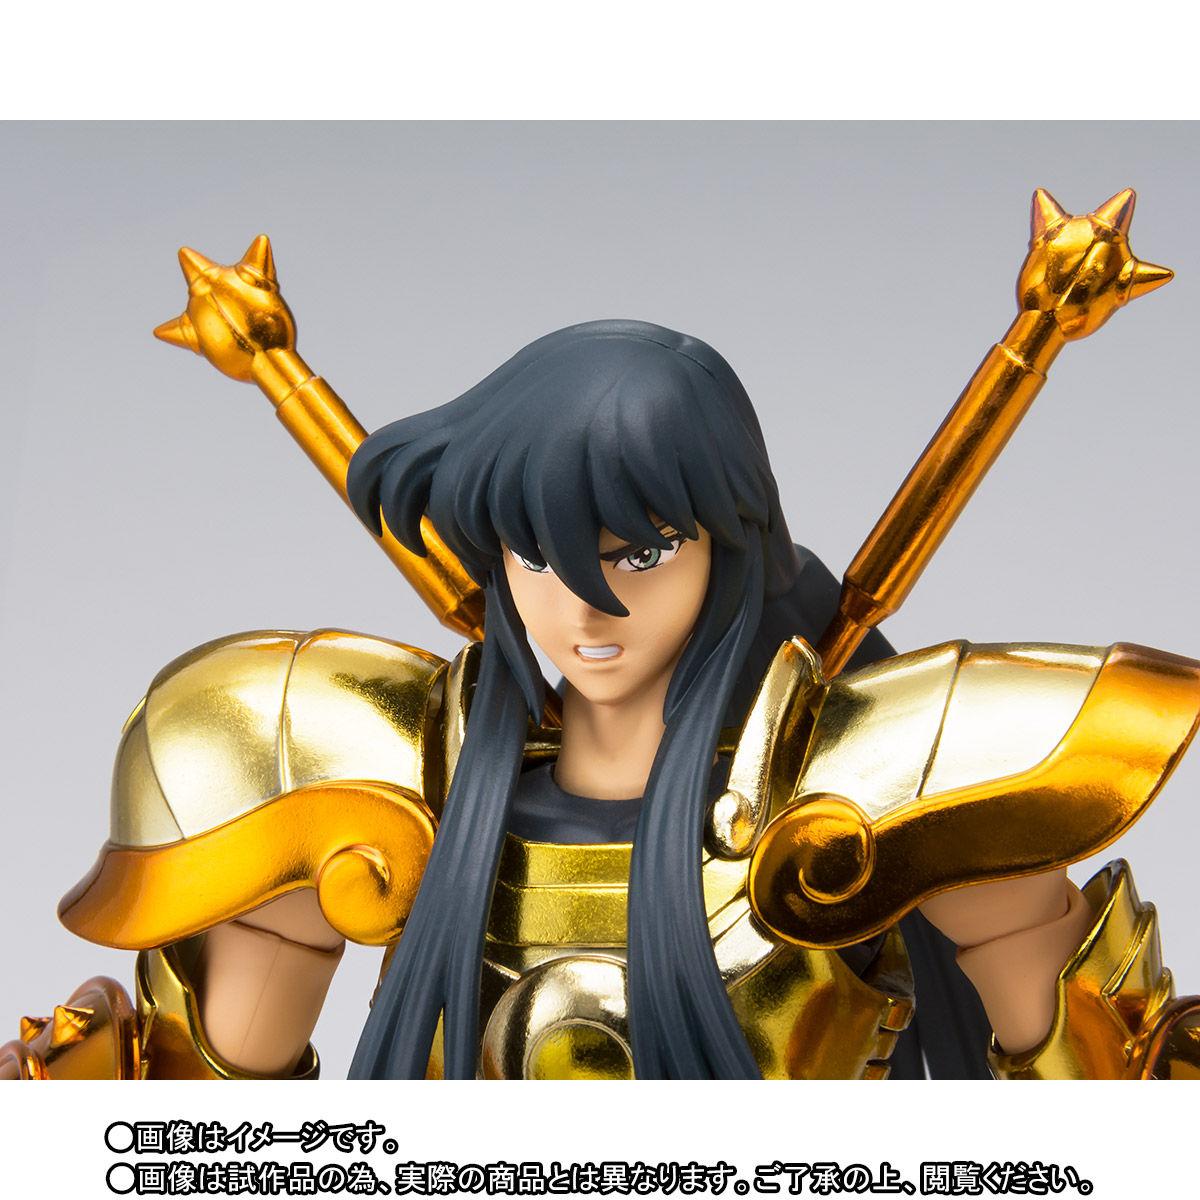 【限定販売】聖闘士聖衣神話EX『ライブラ紫龍』可動フィギュア-008